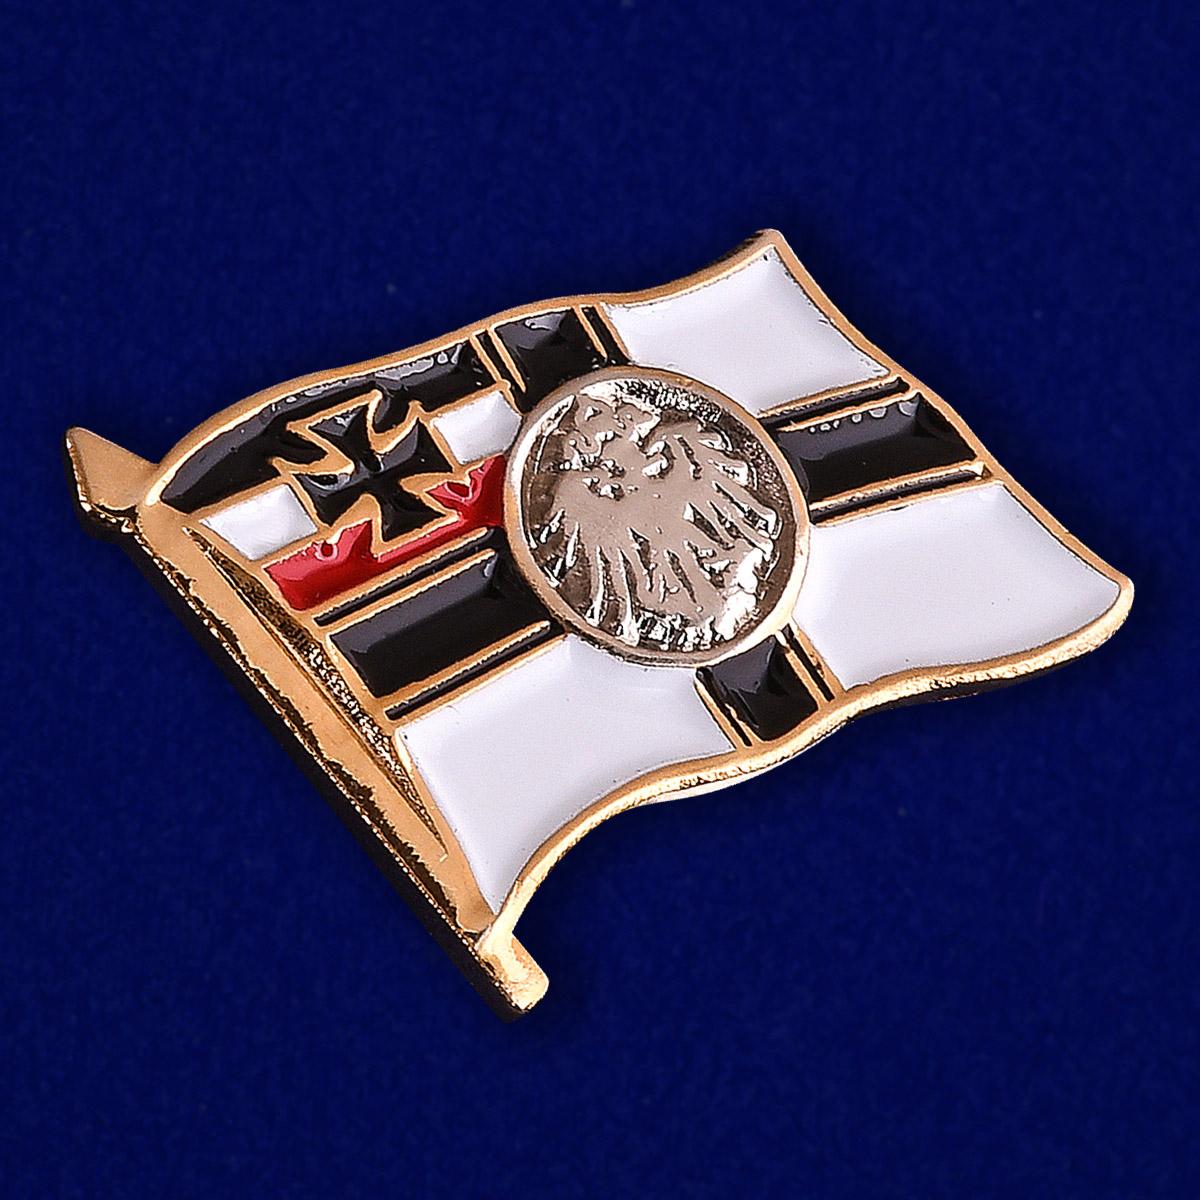 Купить значок Императорских ВМС Германии всего за 199 рублей